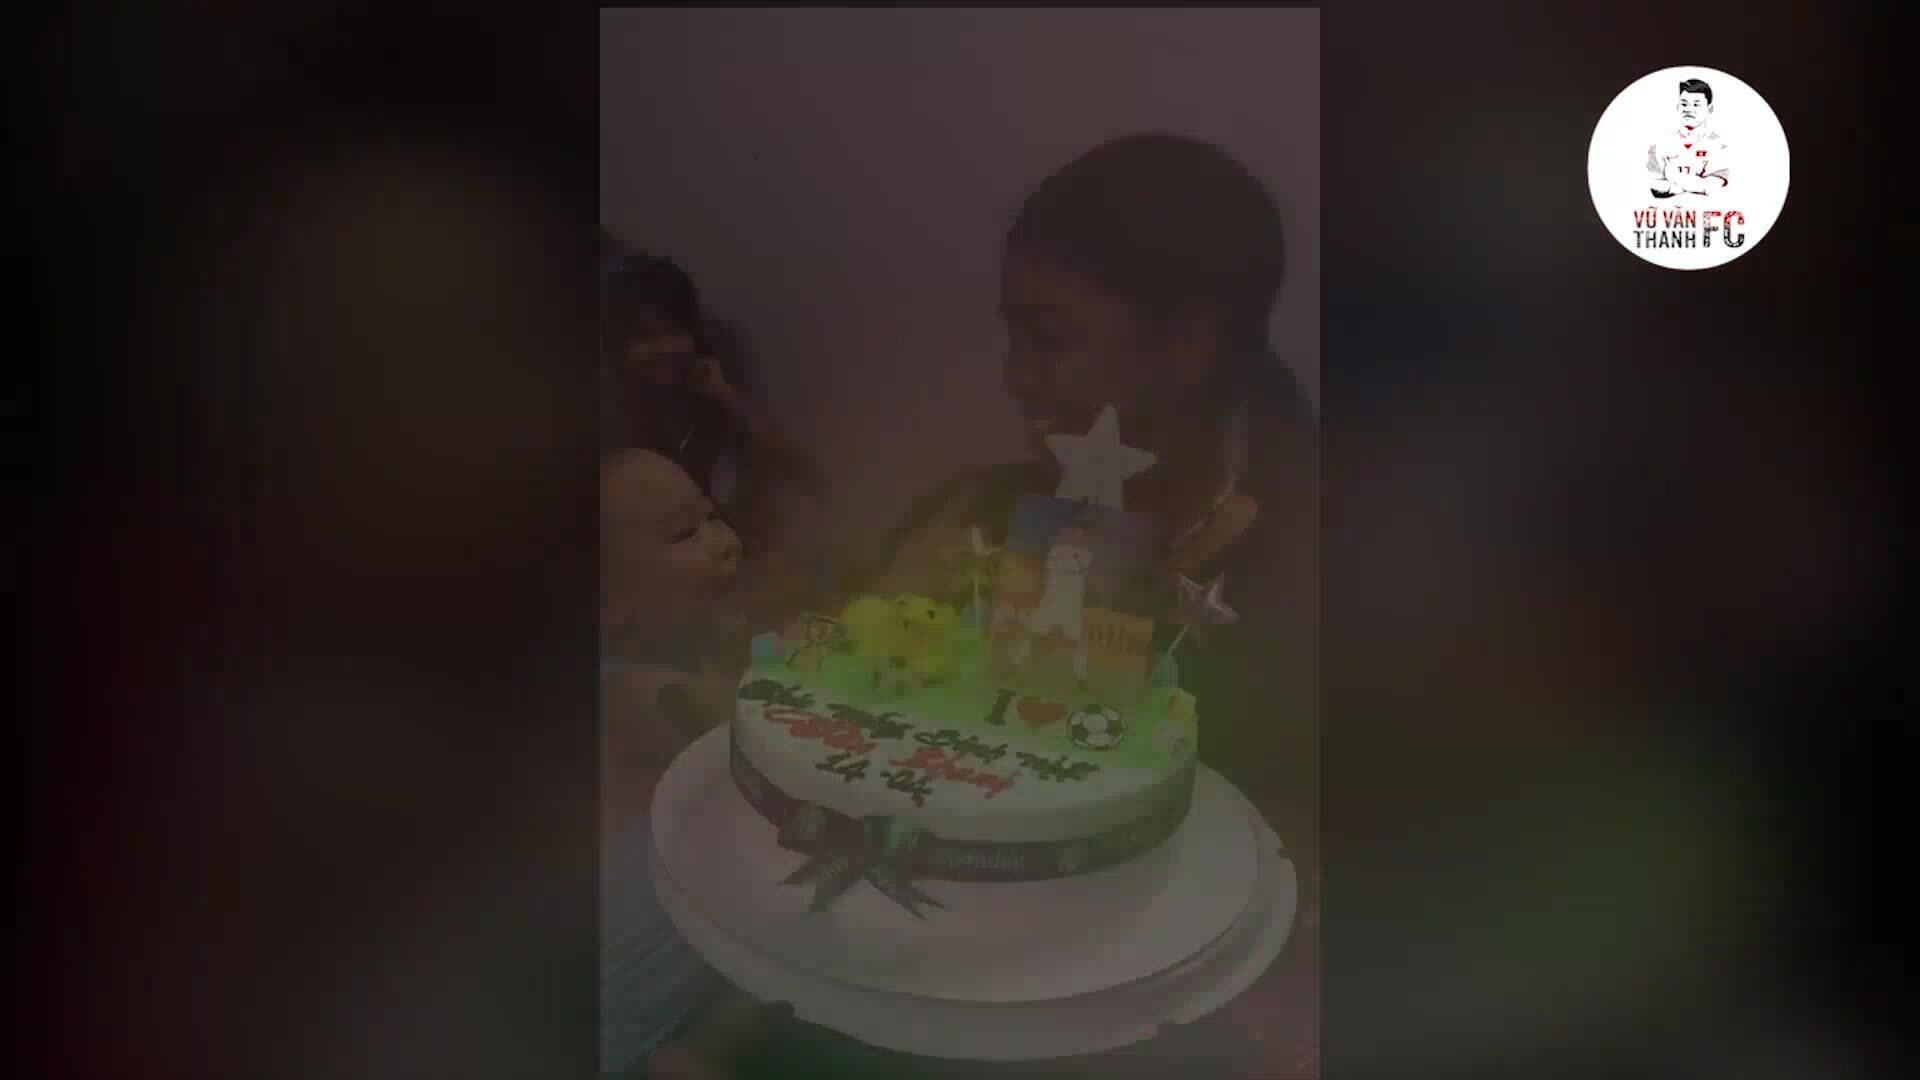 Bố mẹ tổ chức sinh nhật cho Văn Thanh từ xa